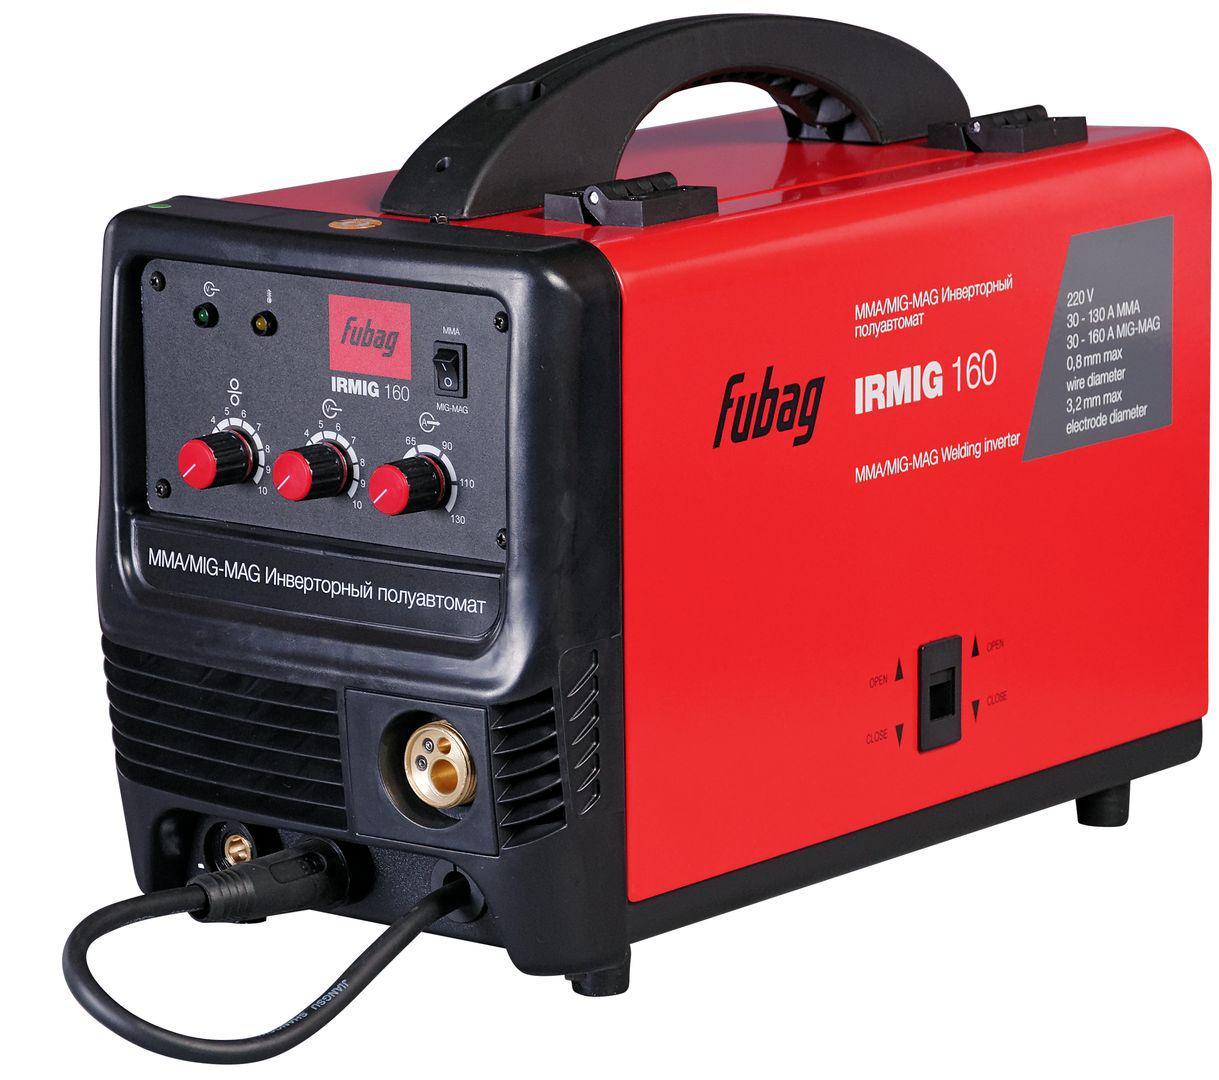 Сварочный полуавтомат Fubag Irmig 160 38607 + горелка fb 150 3 м сварочный полуавтомат ресанта саипа135